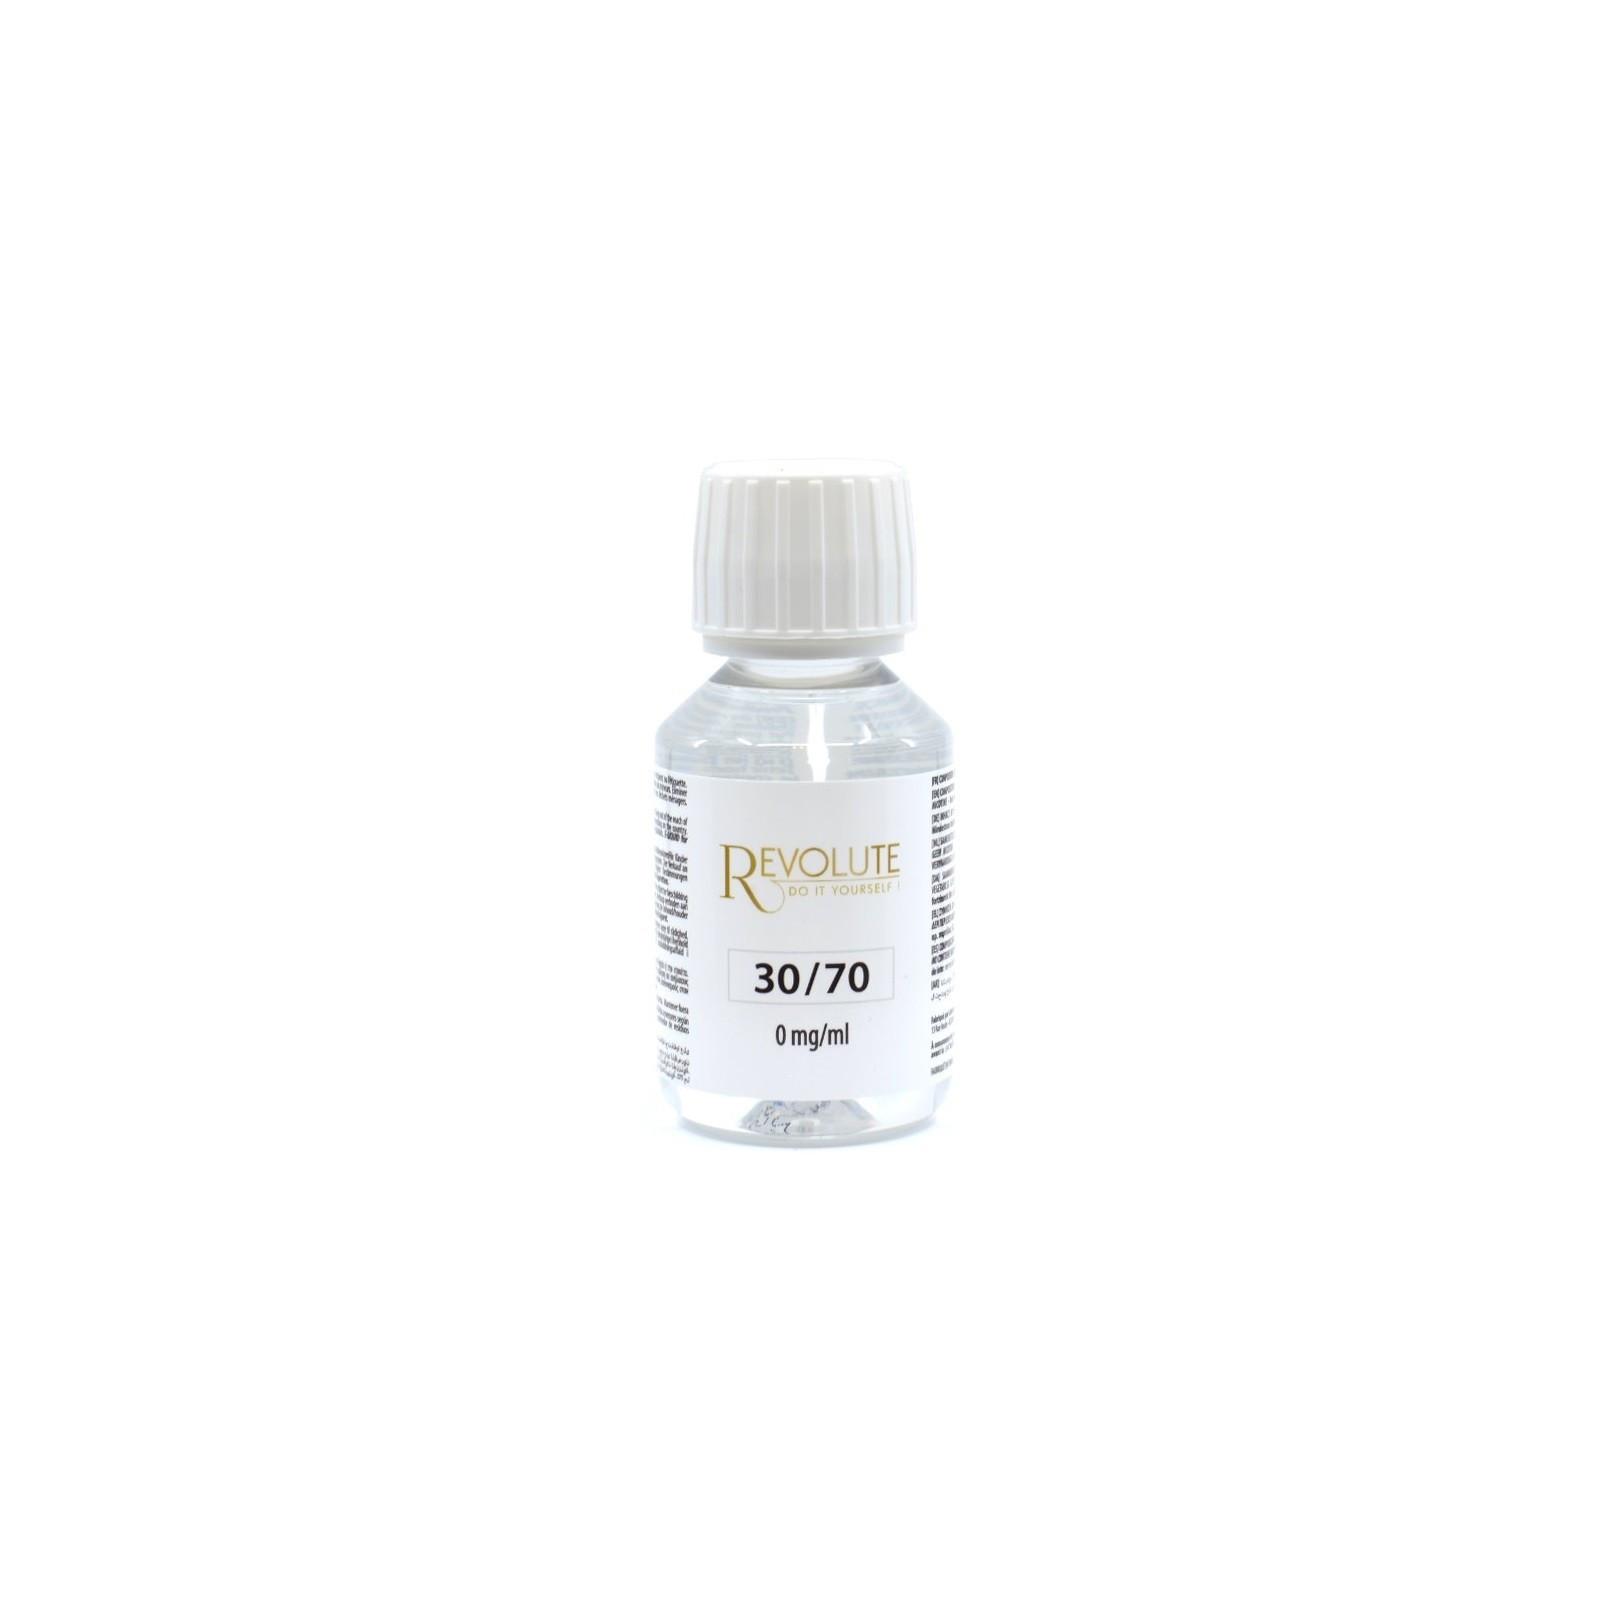 Base 30/70 115 ml Revolute - Revolute